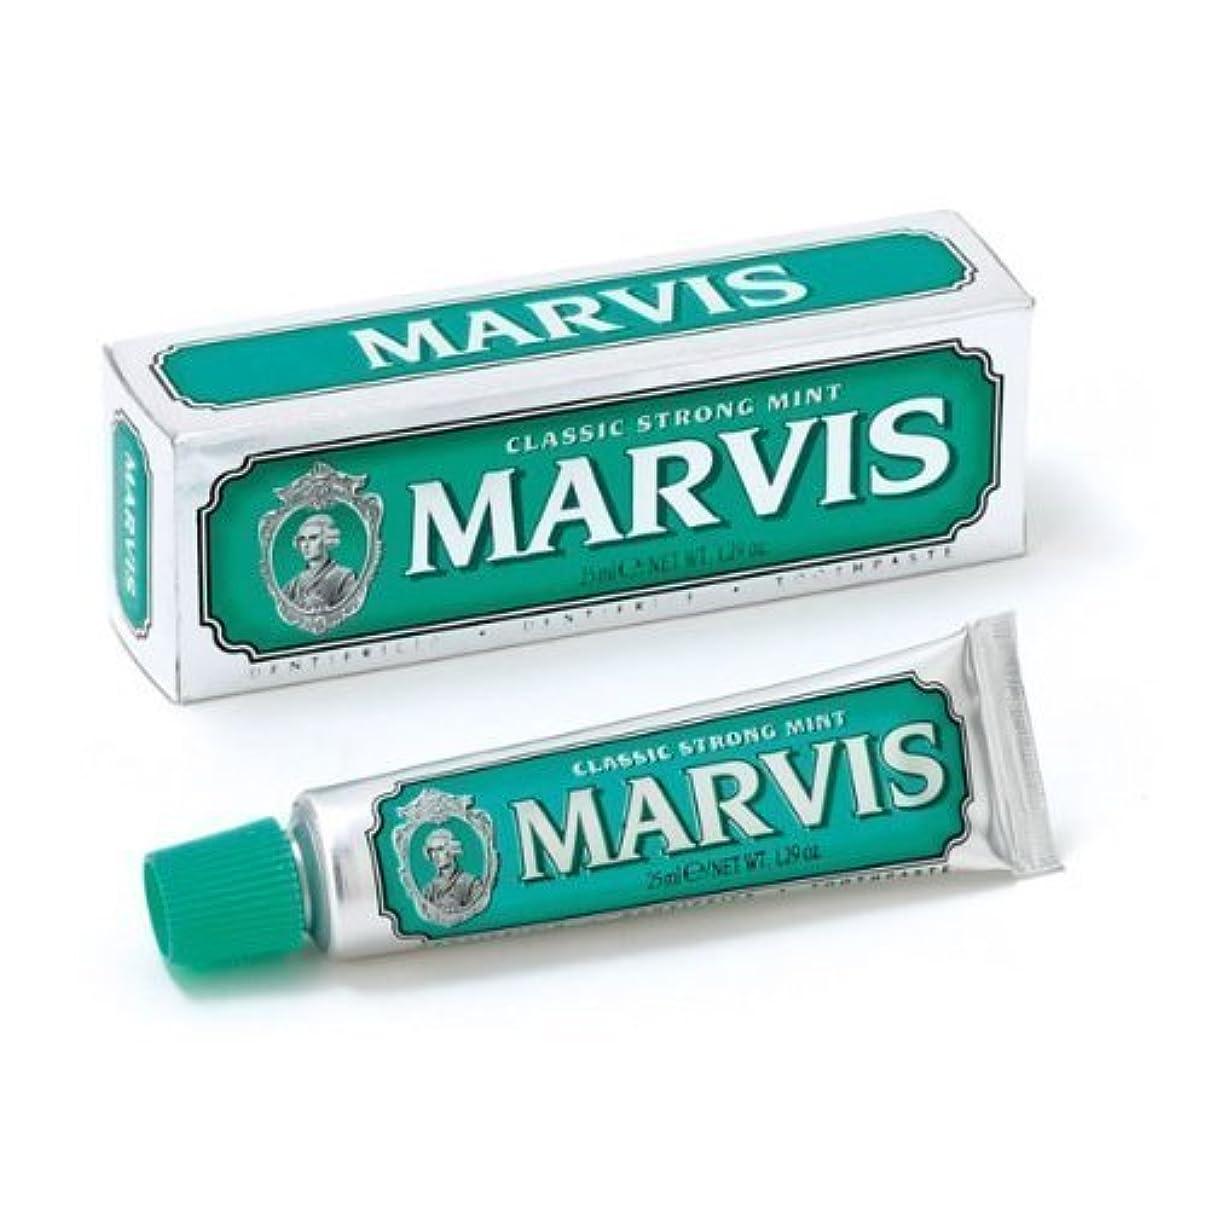 家政策フリンジMarvis Toothpaste - Classic Strong Mint 25ml Travel Size - 4 PACK by Marvis [並行輸入品]